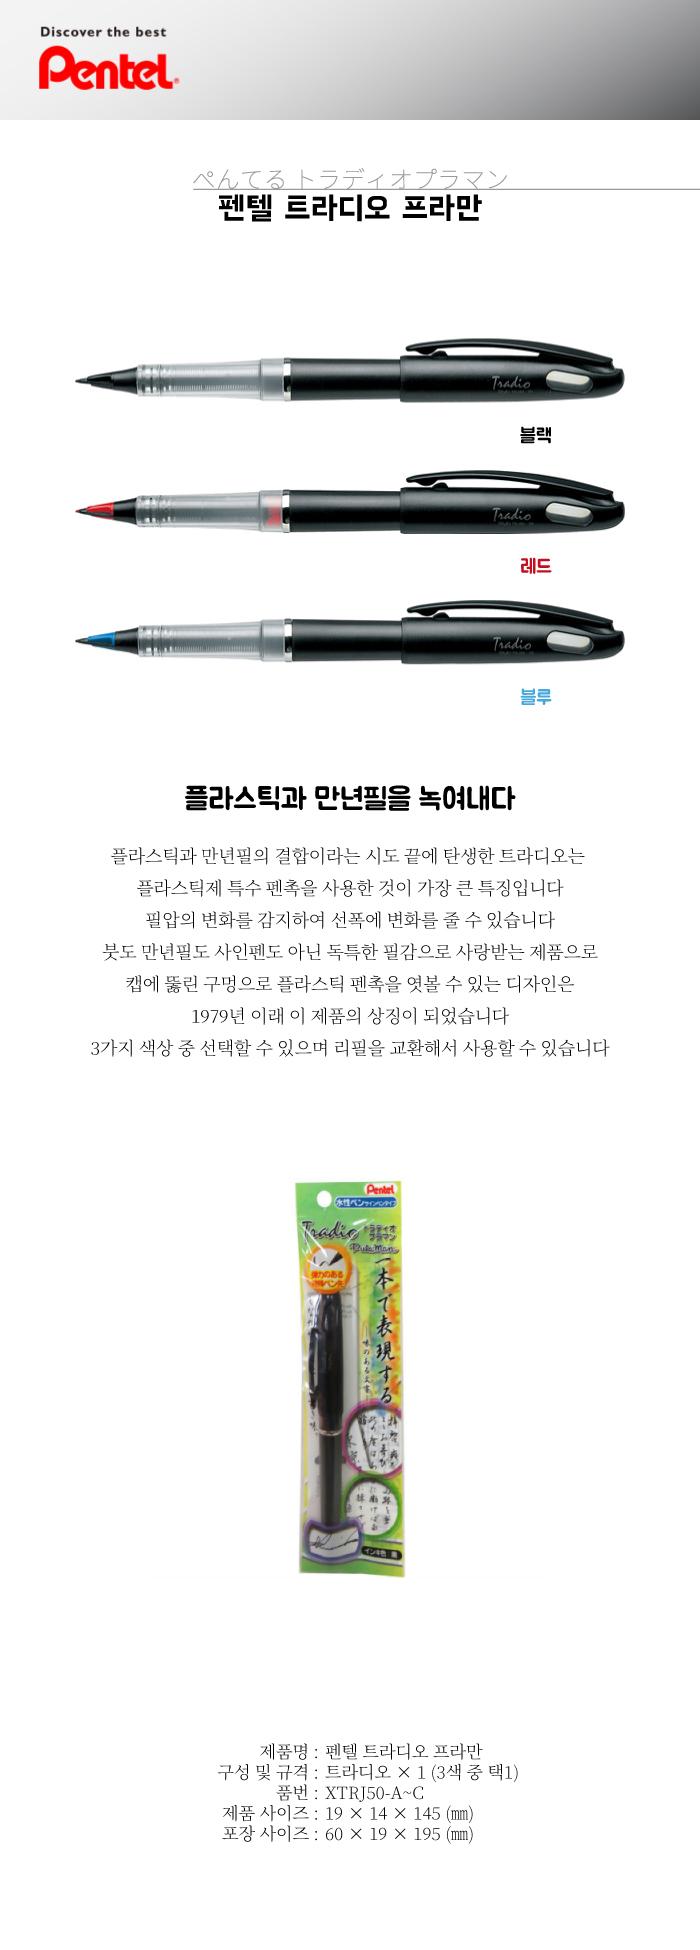 펜텔 트라디오 프라만 수성펜 - 펜텔, 6,500원, 수성/중성펜, 심플 펜